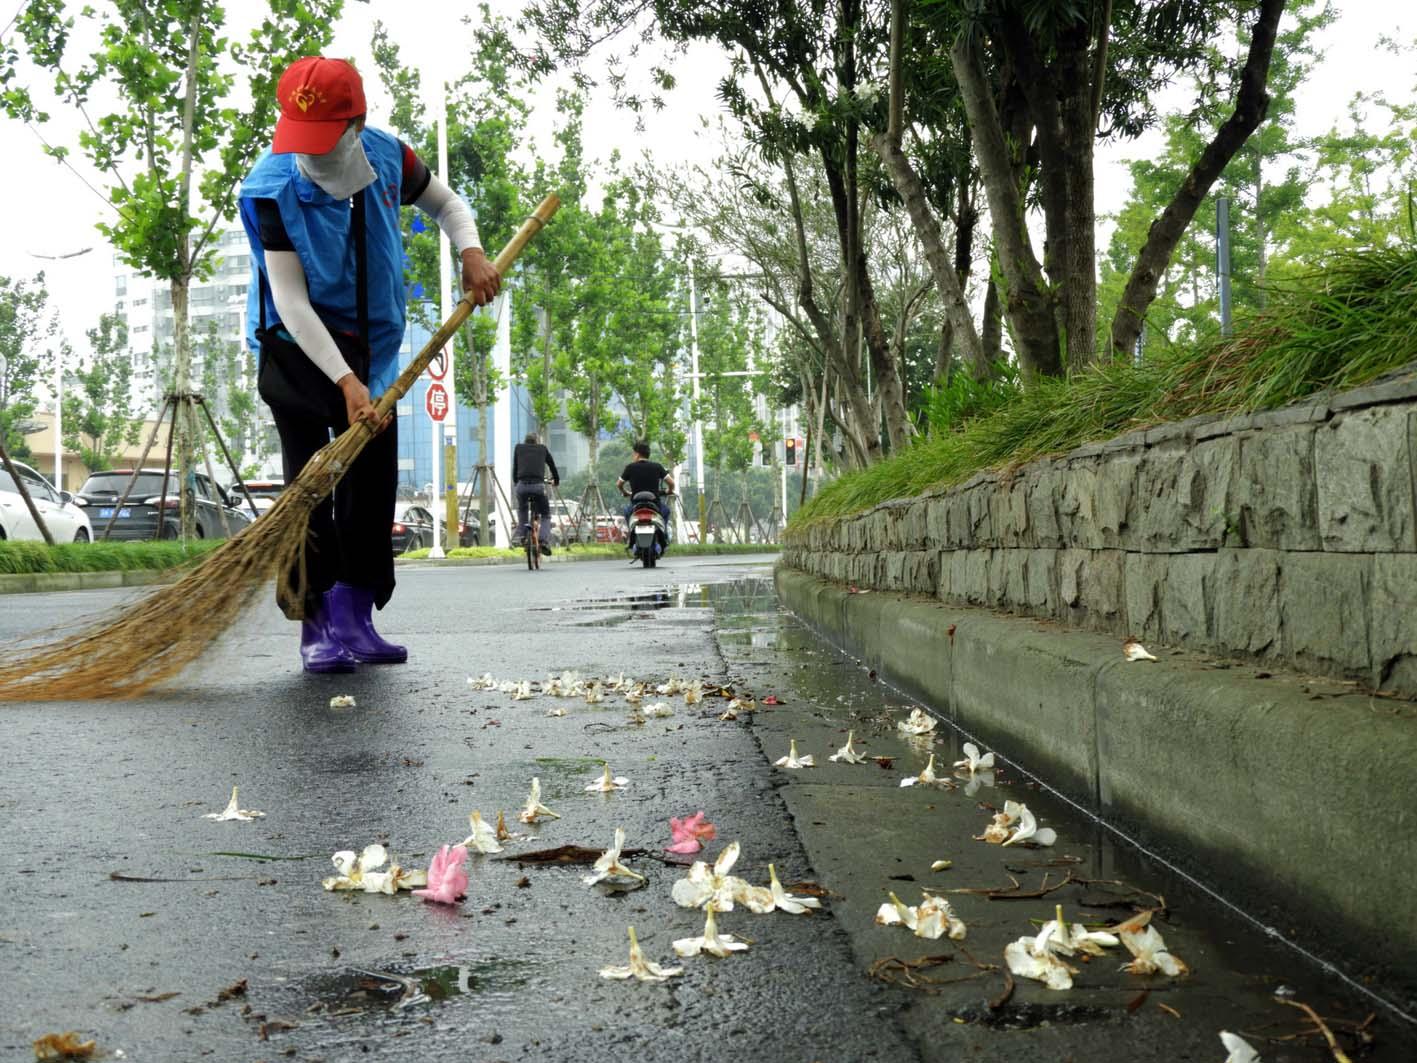 夹竹桃花开满街 志愿者环卫工每天清扫两车花